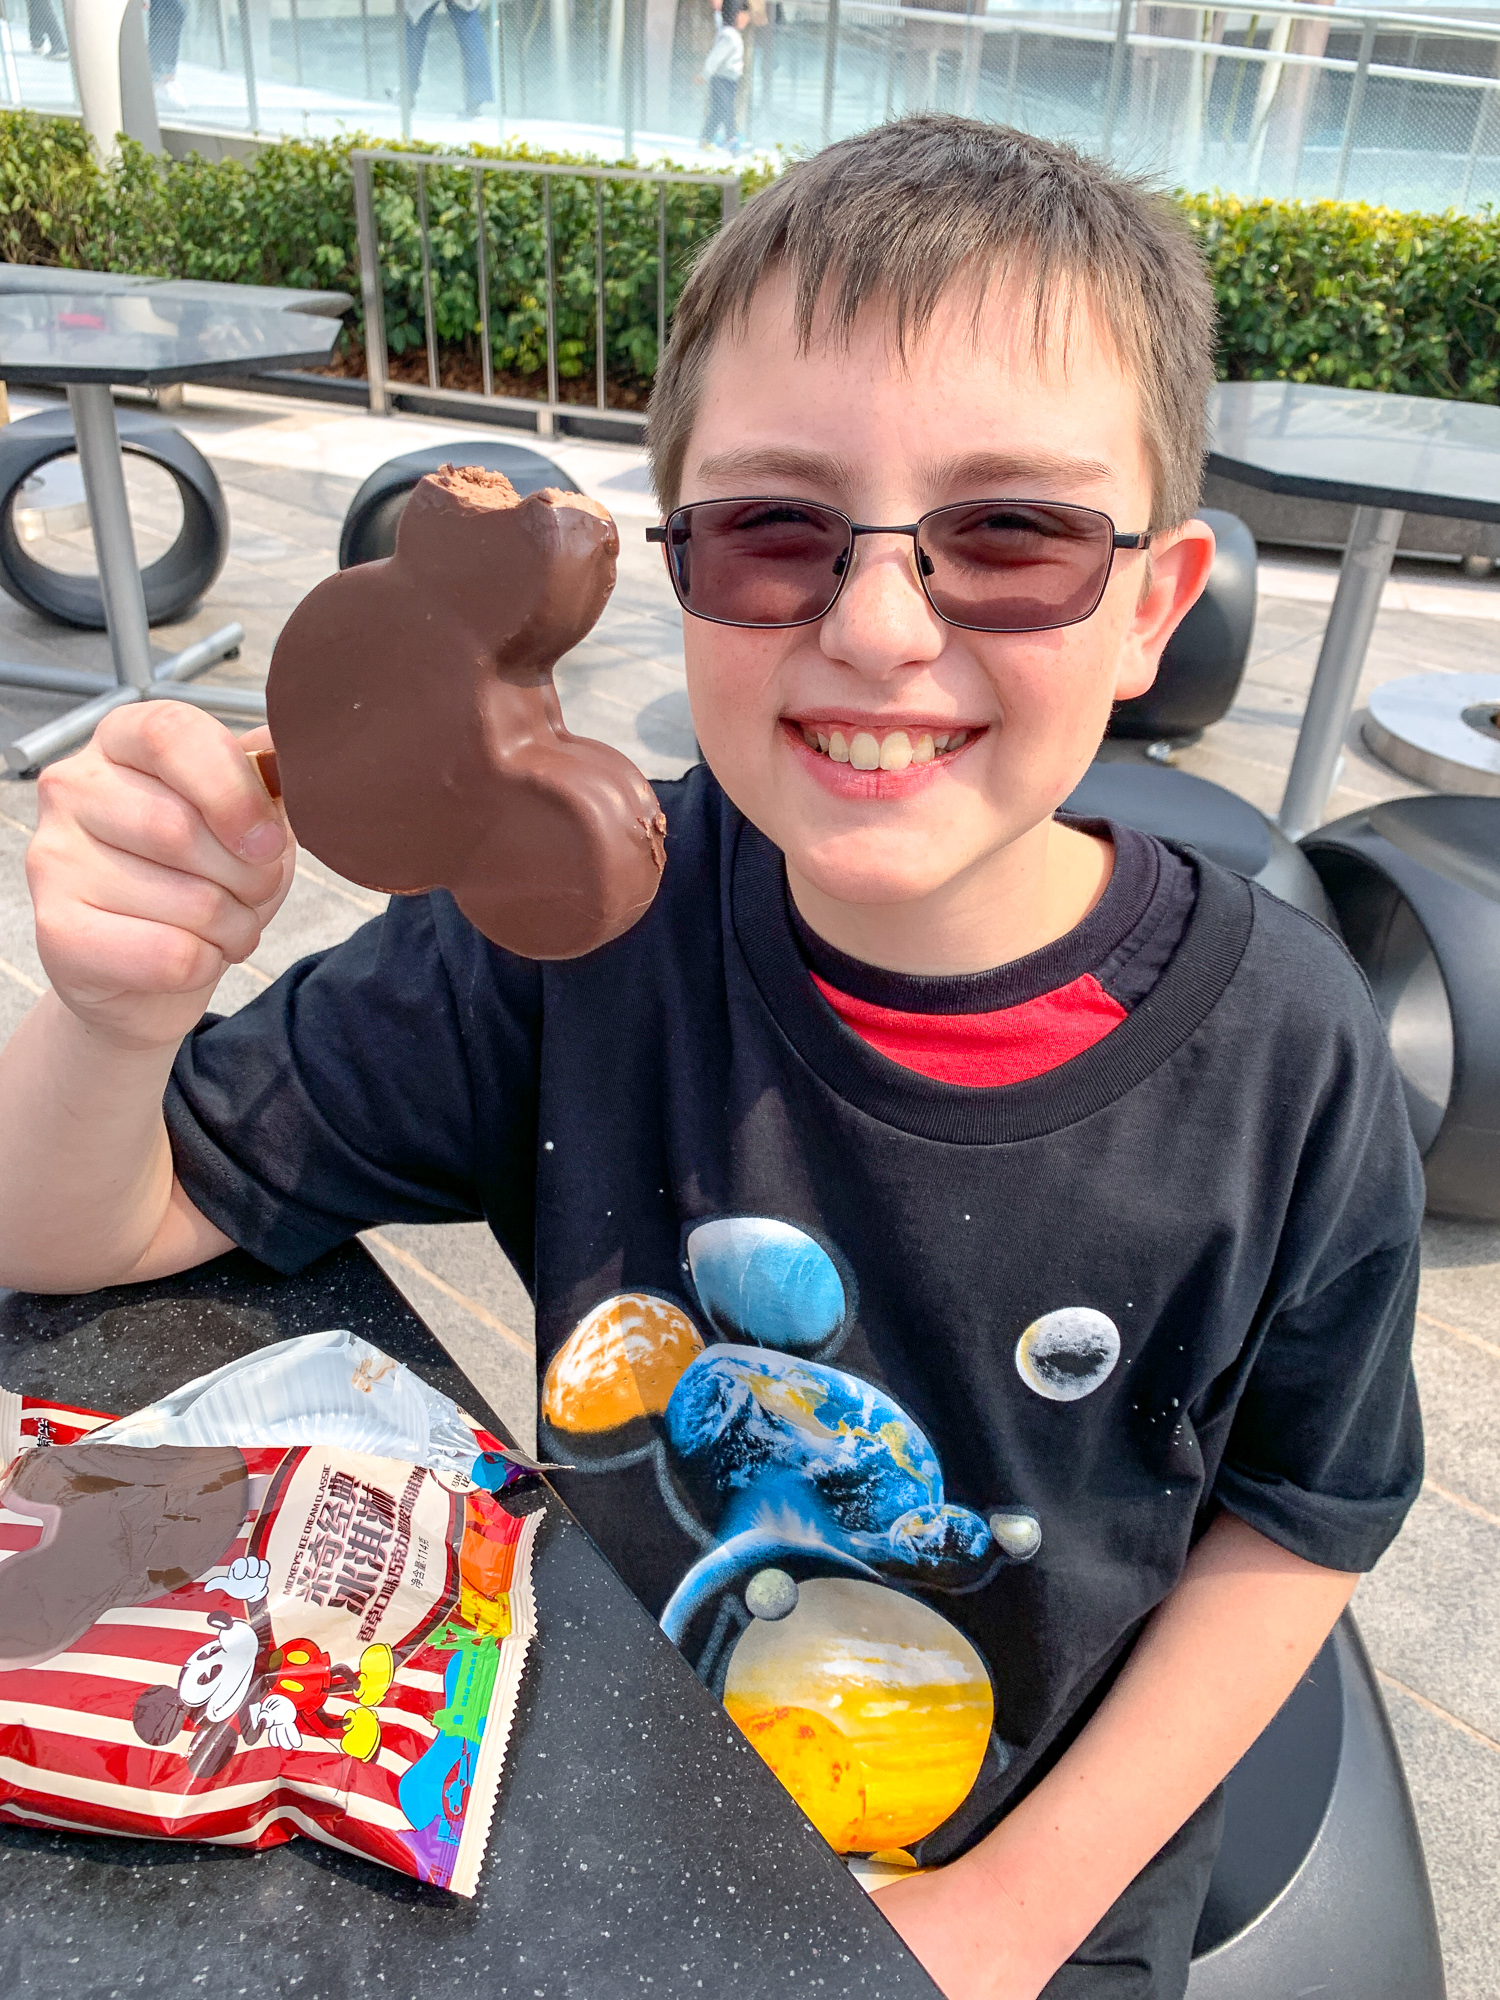 Mickey-shaped ice cream treat